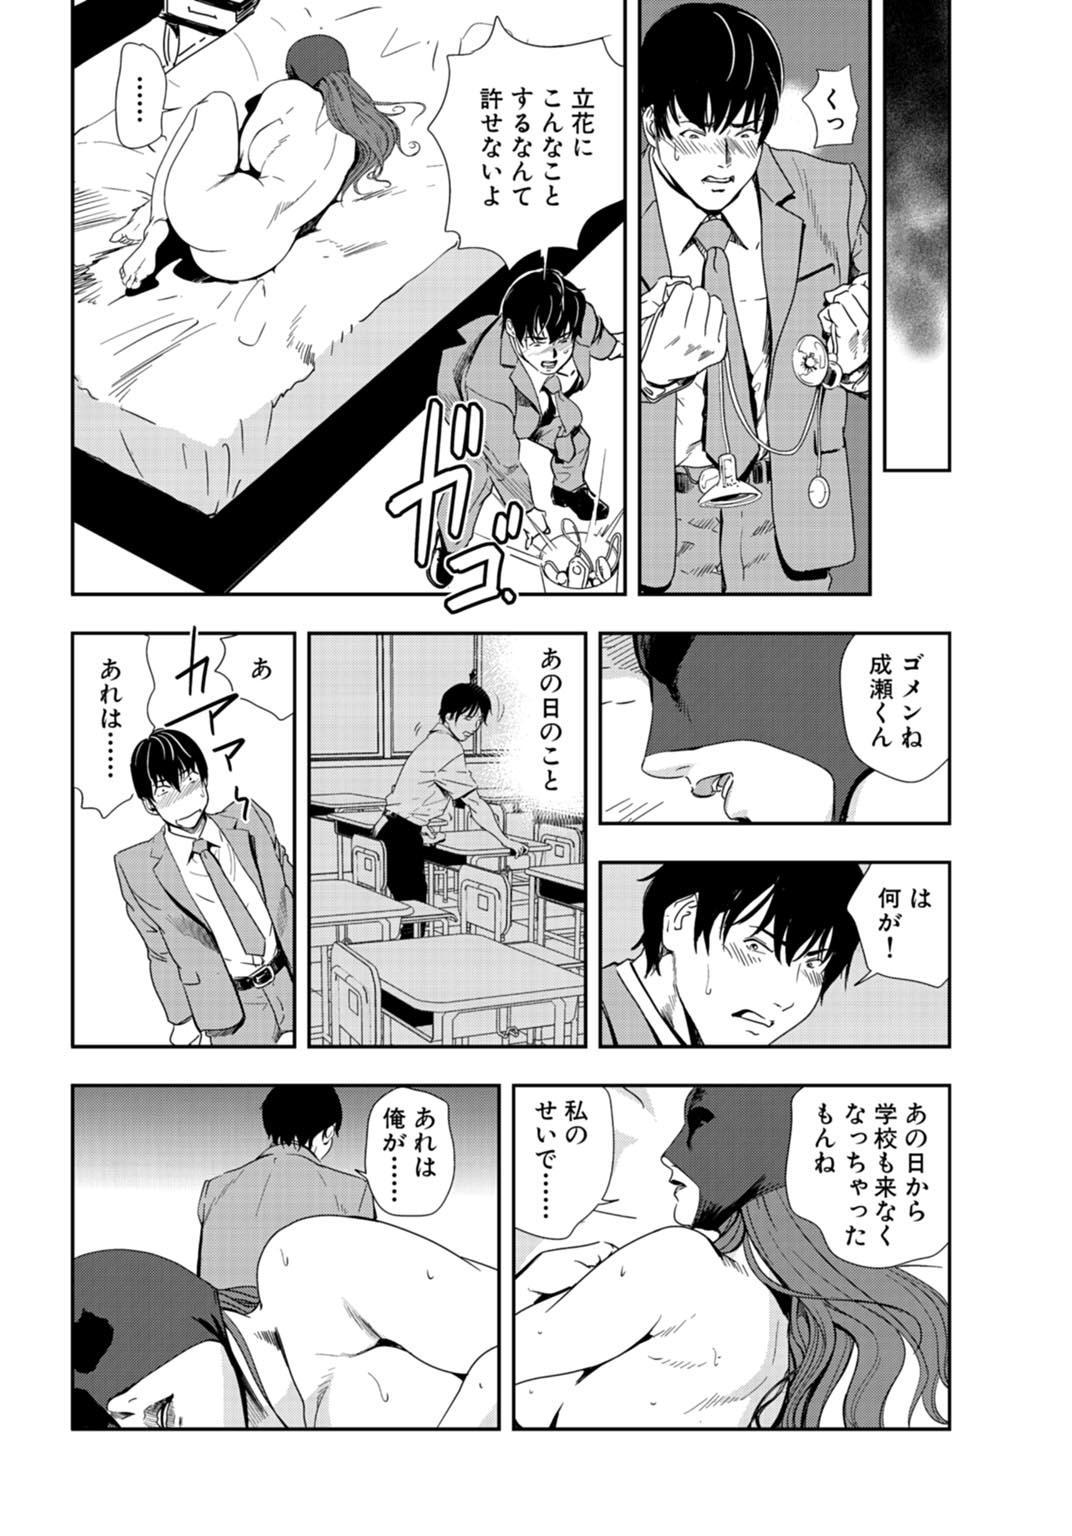 Nikuhisyo Yukiko 25 36